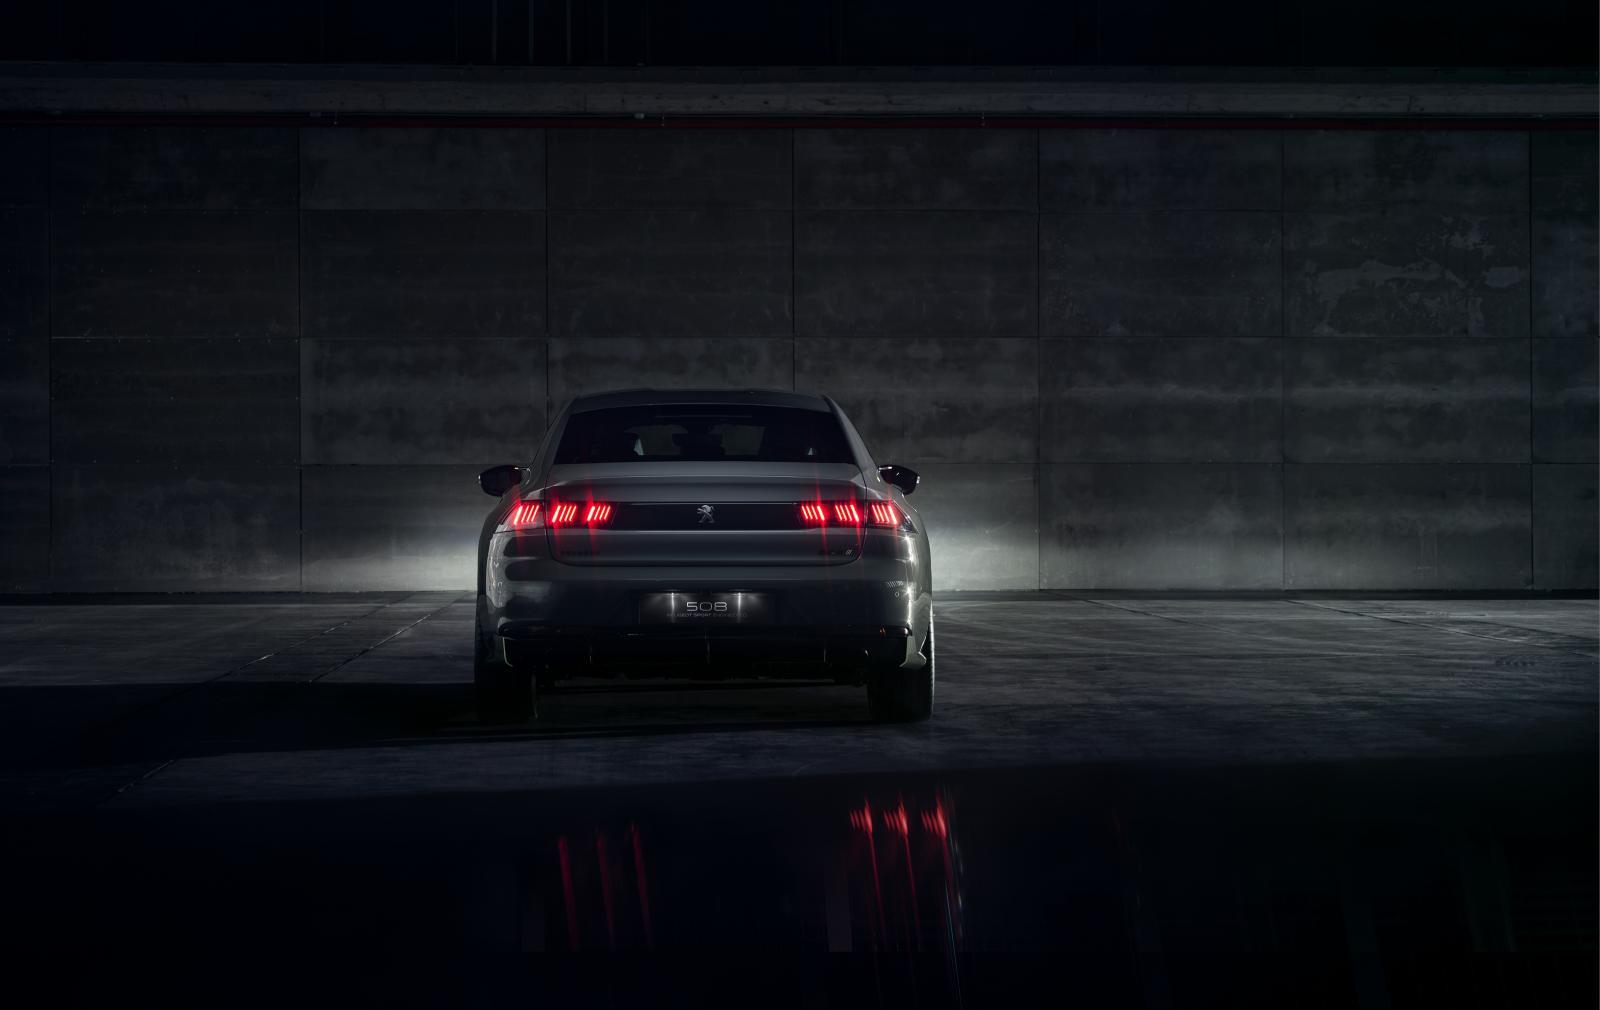 peugeot-508-Peugeot-Sport-Engineered-PSE-2019-1